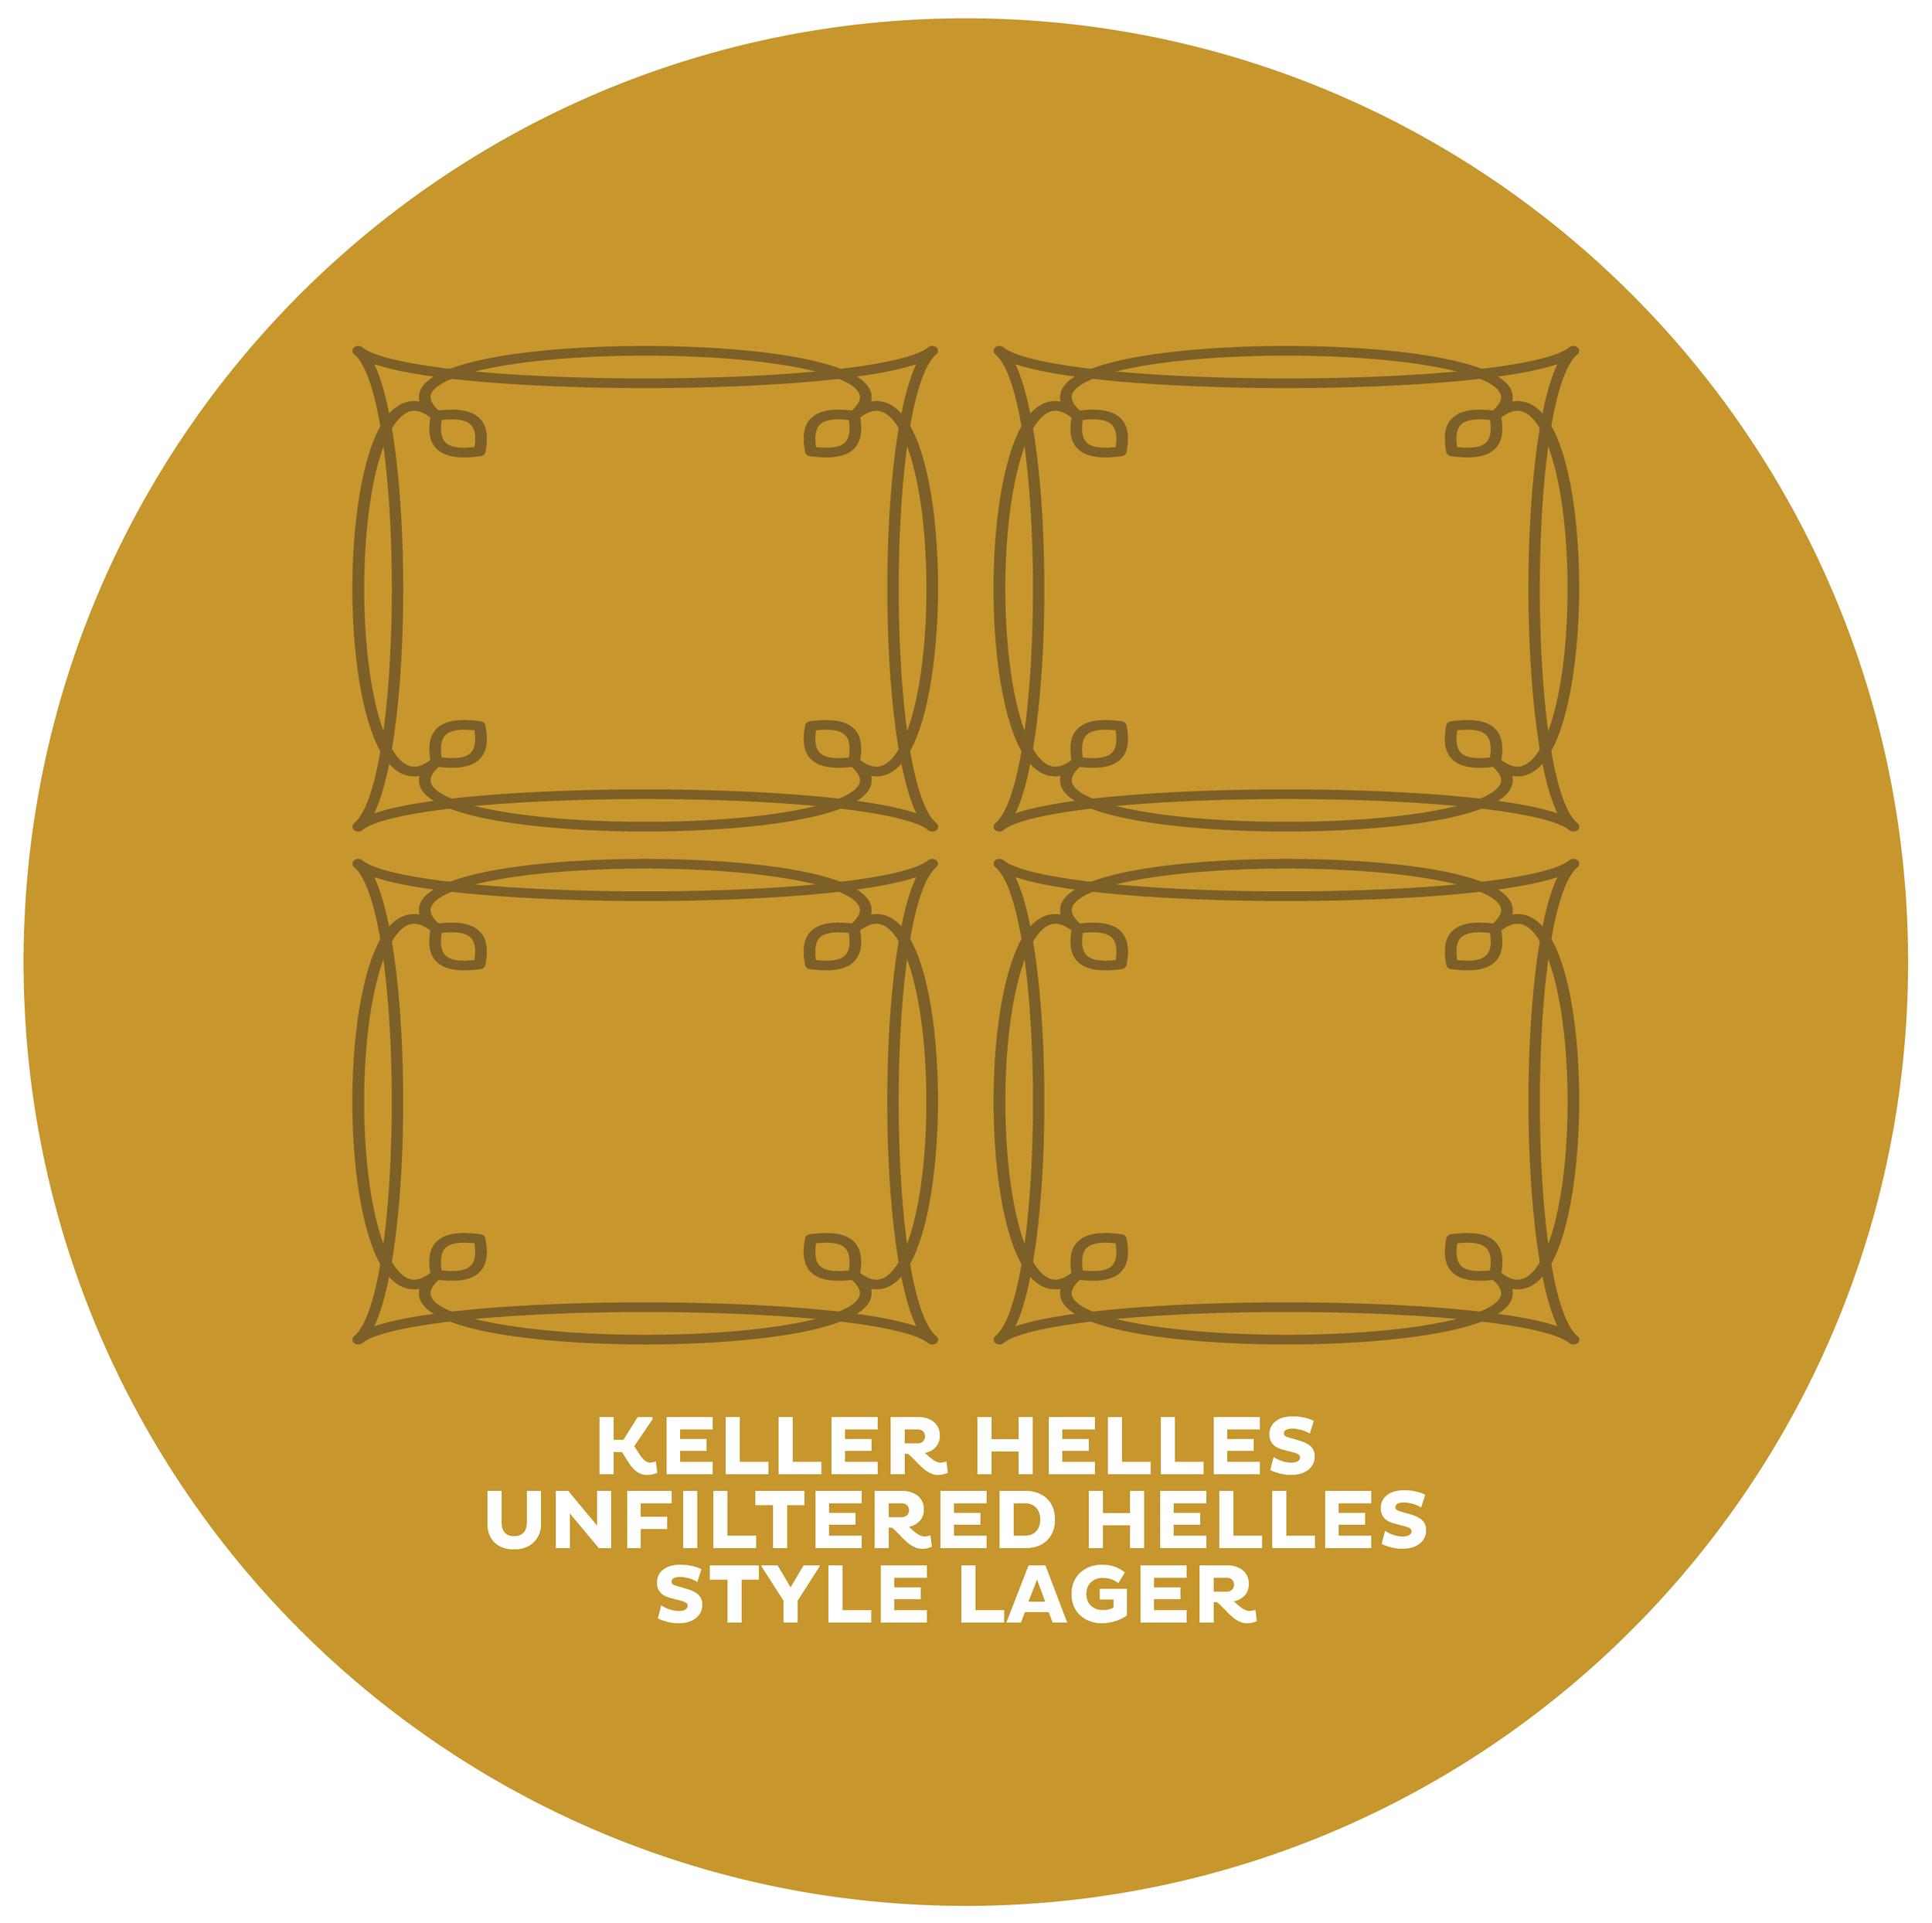 KellerHellesGraphic-01.png